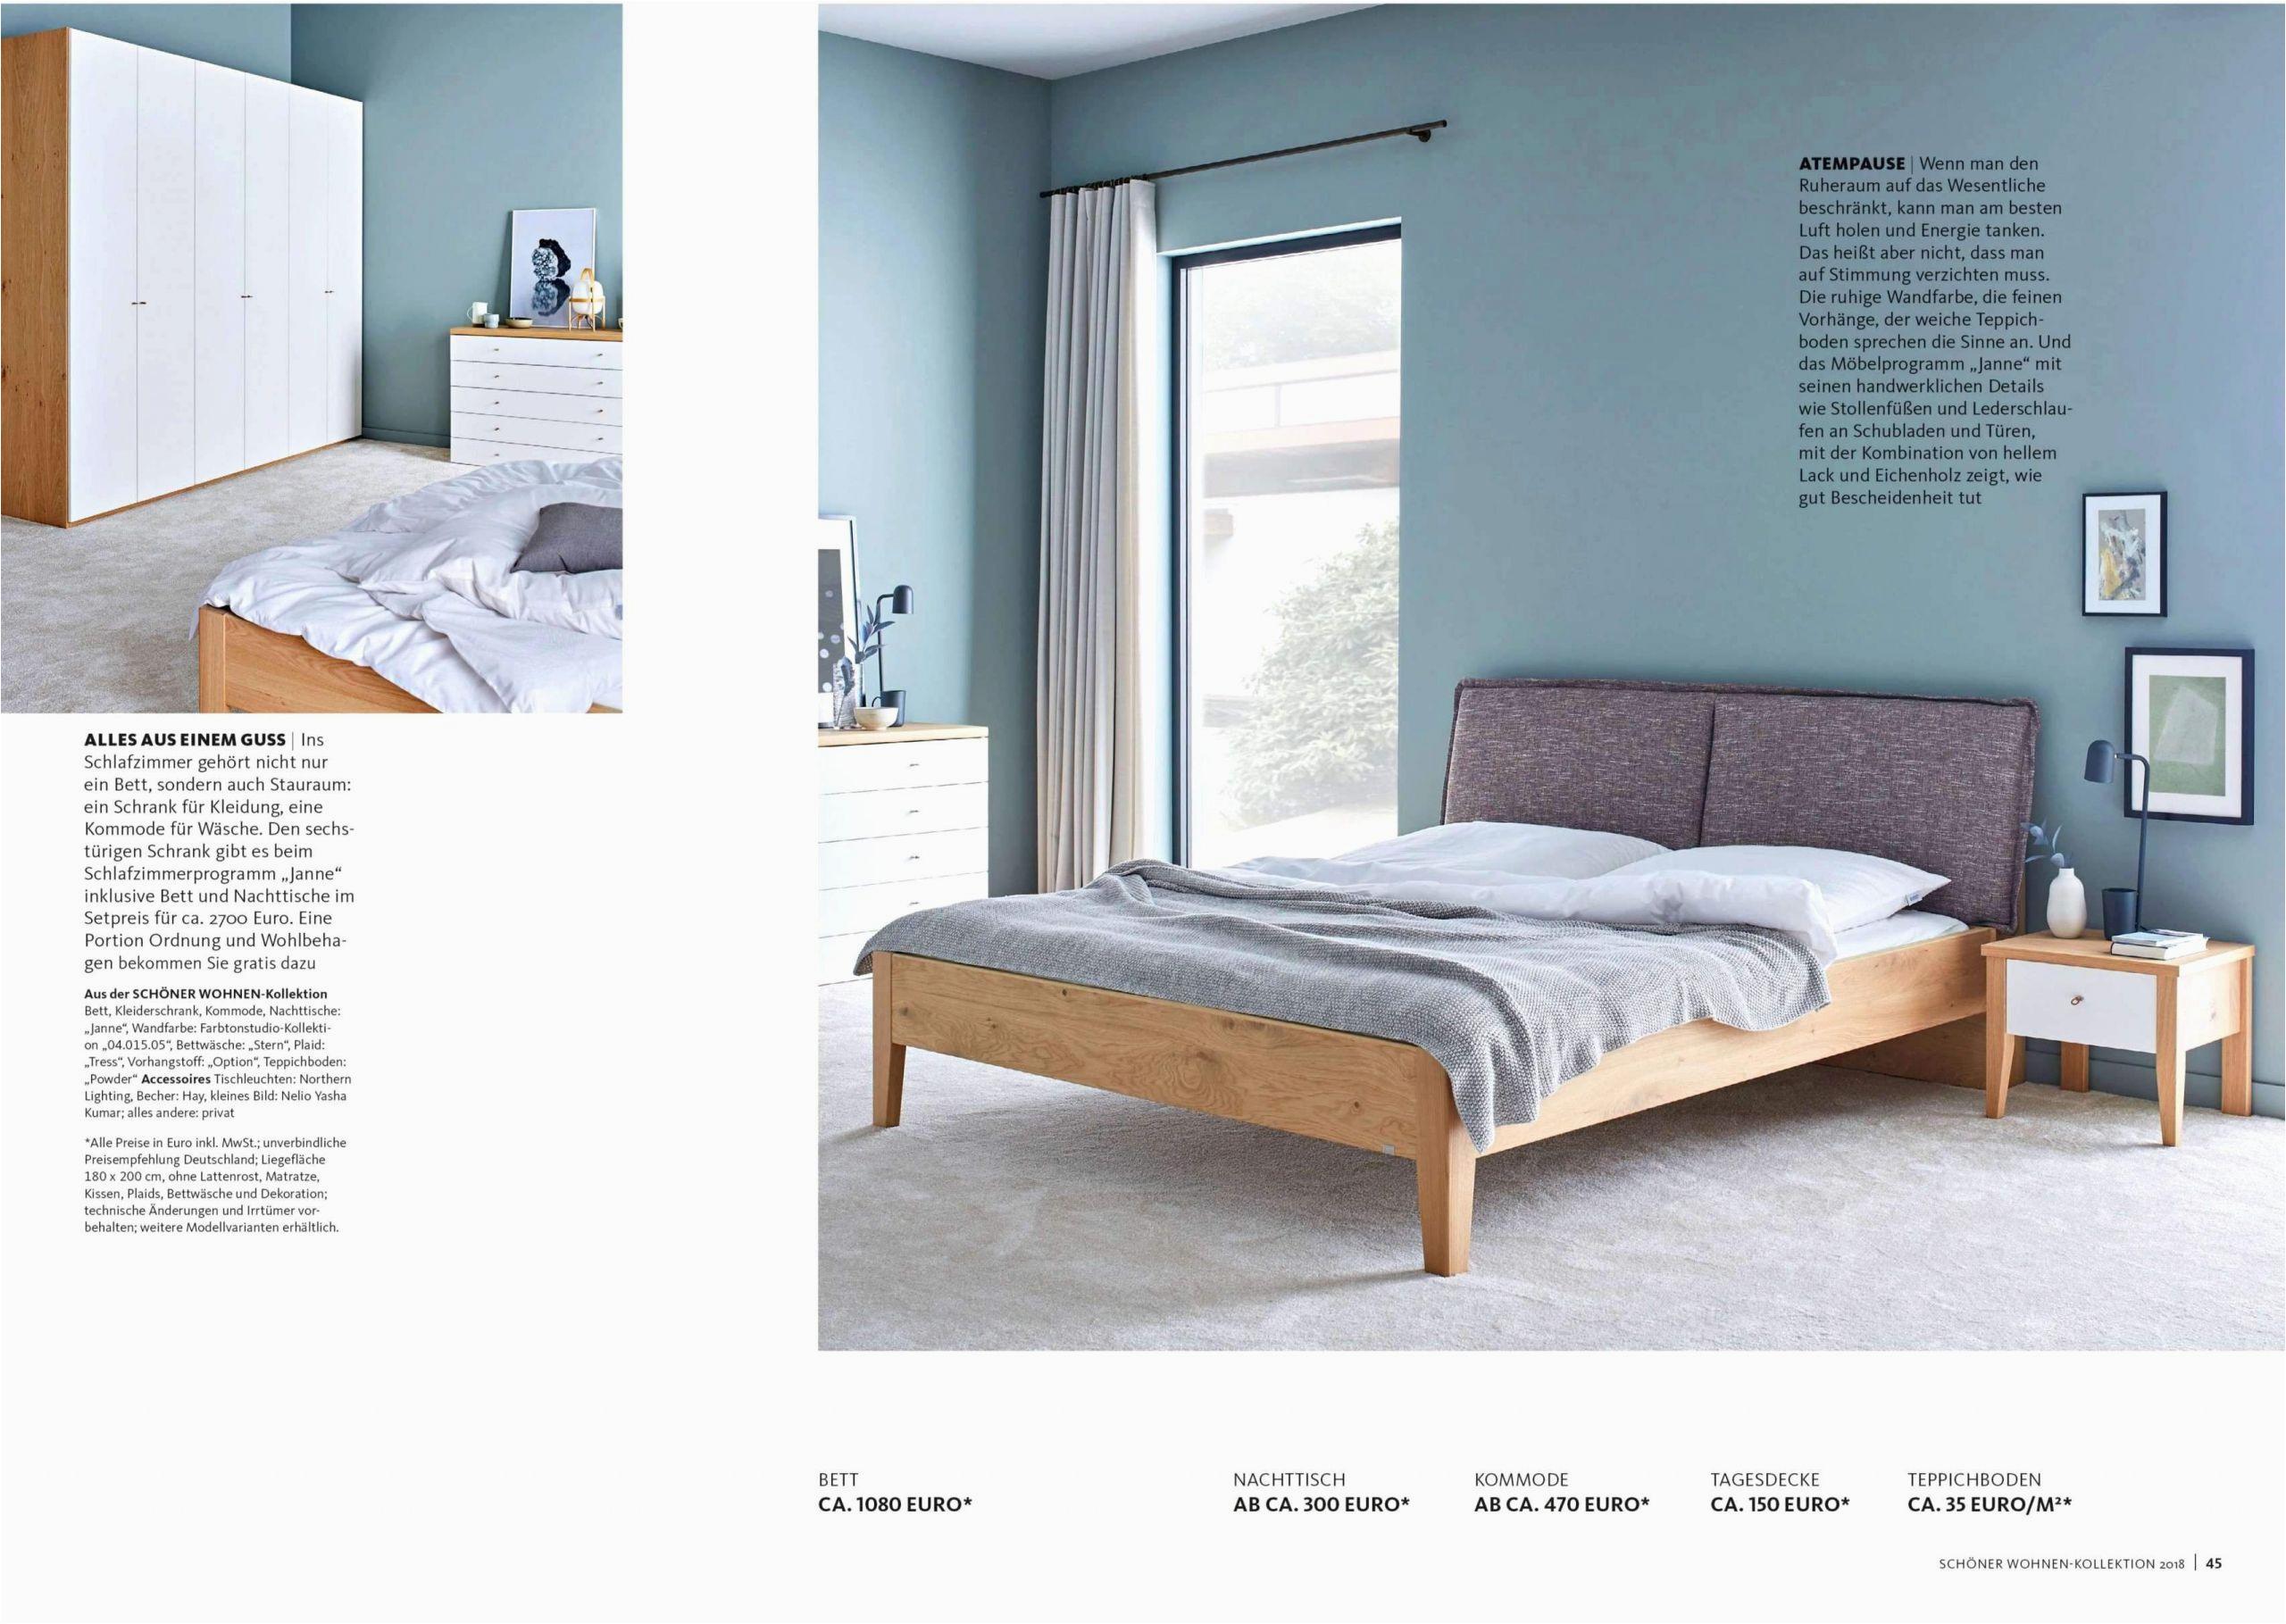 Ikea Schlafzimmer Einrichten Wohnzimmer Planer Inspirierend 36 Luxus Ikea Schlafzimmer